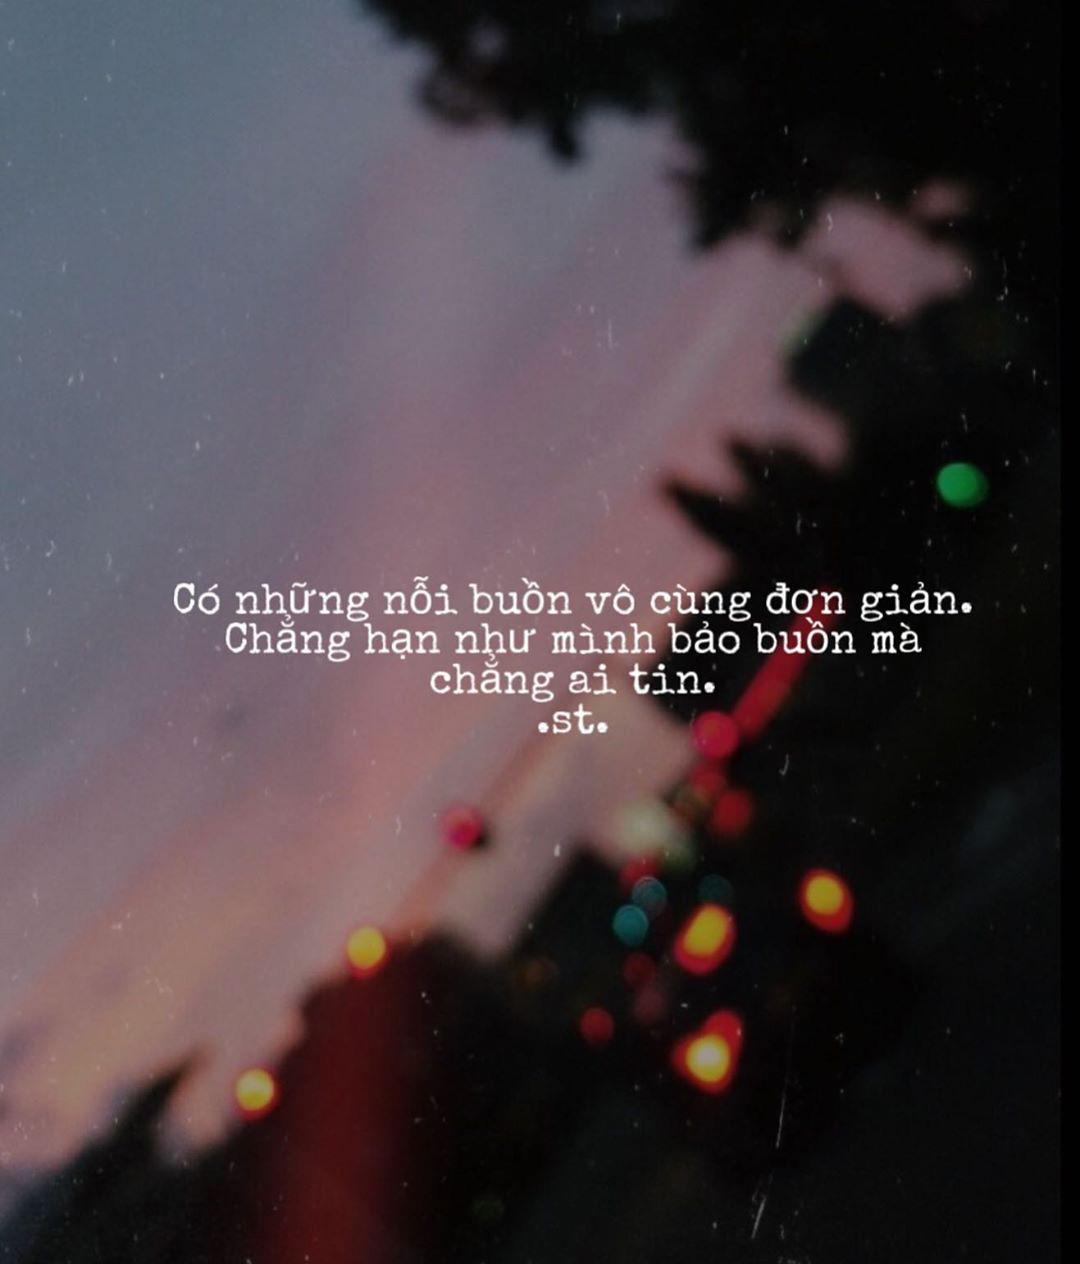 Hình ảnh stt quotes buồn tâm trạng về nỗi cô đơn trong tình yêu